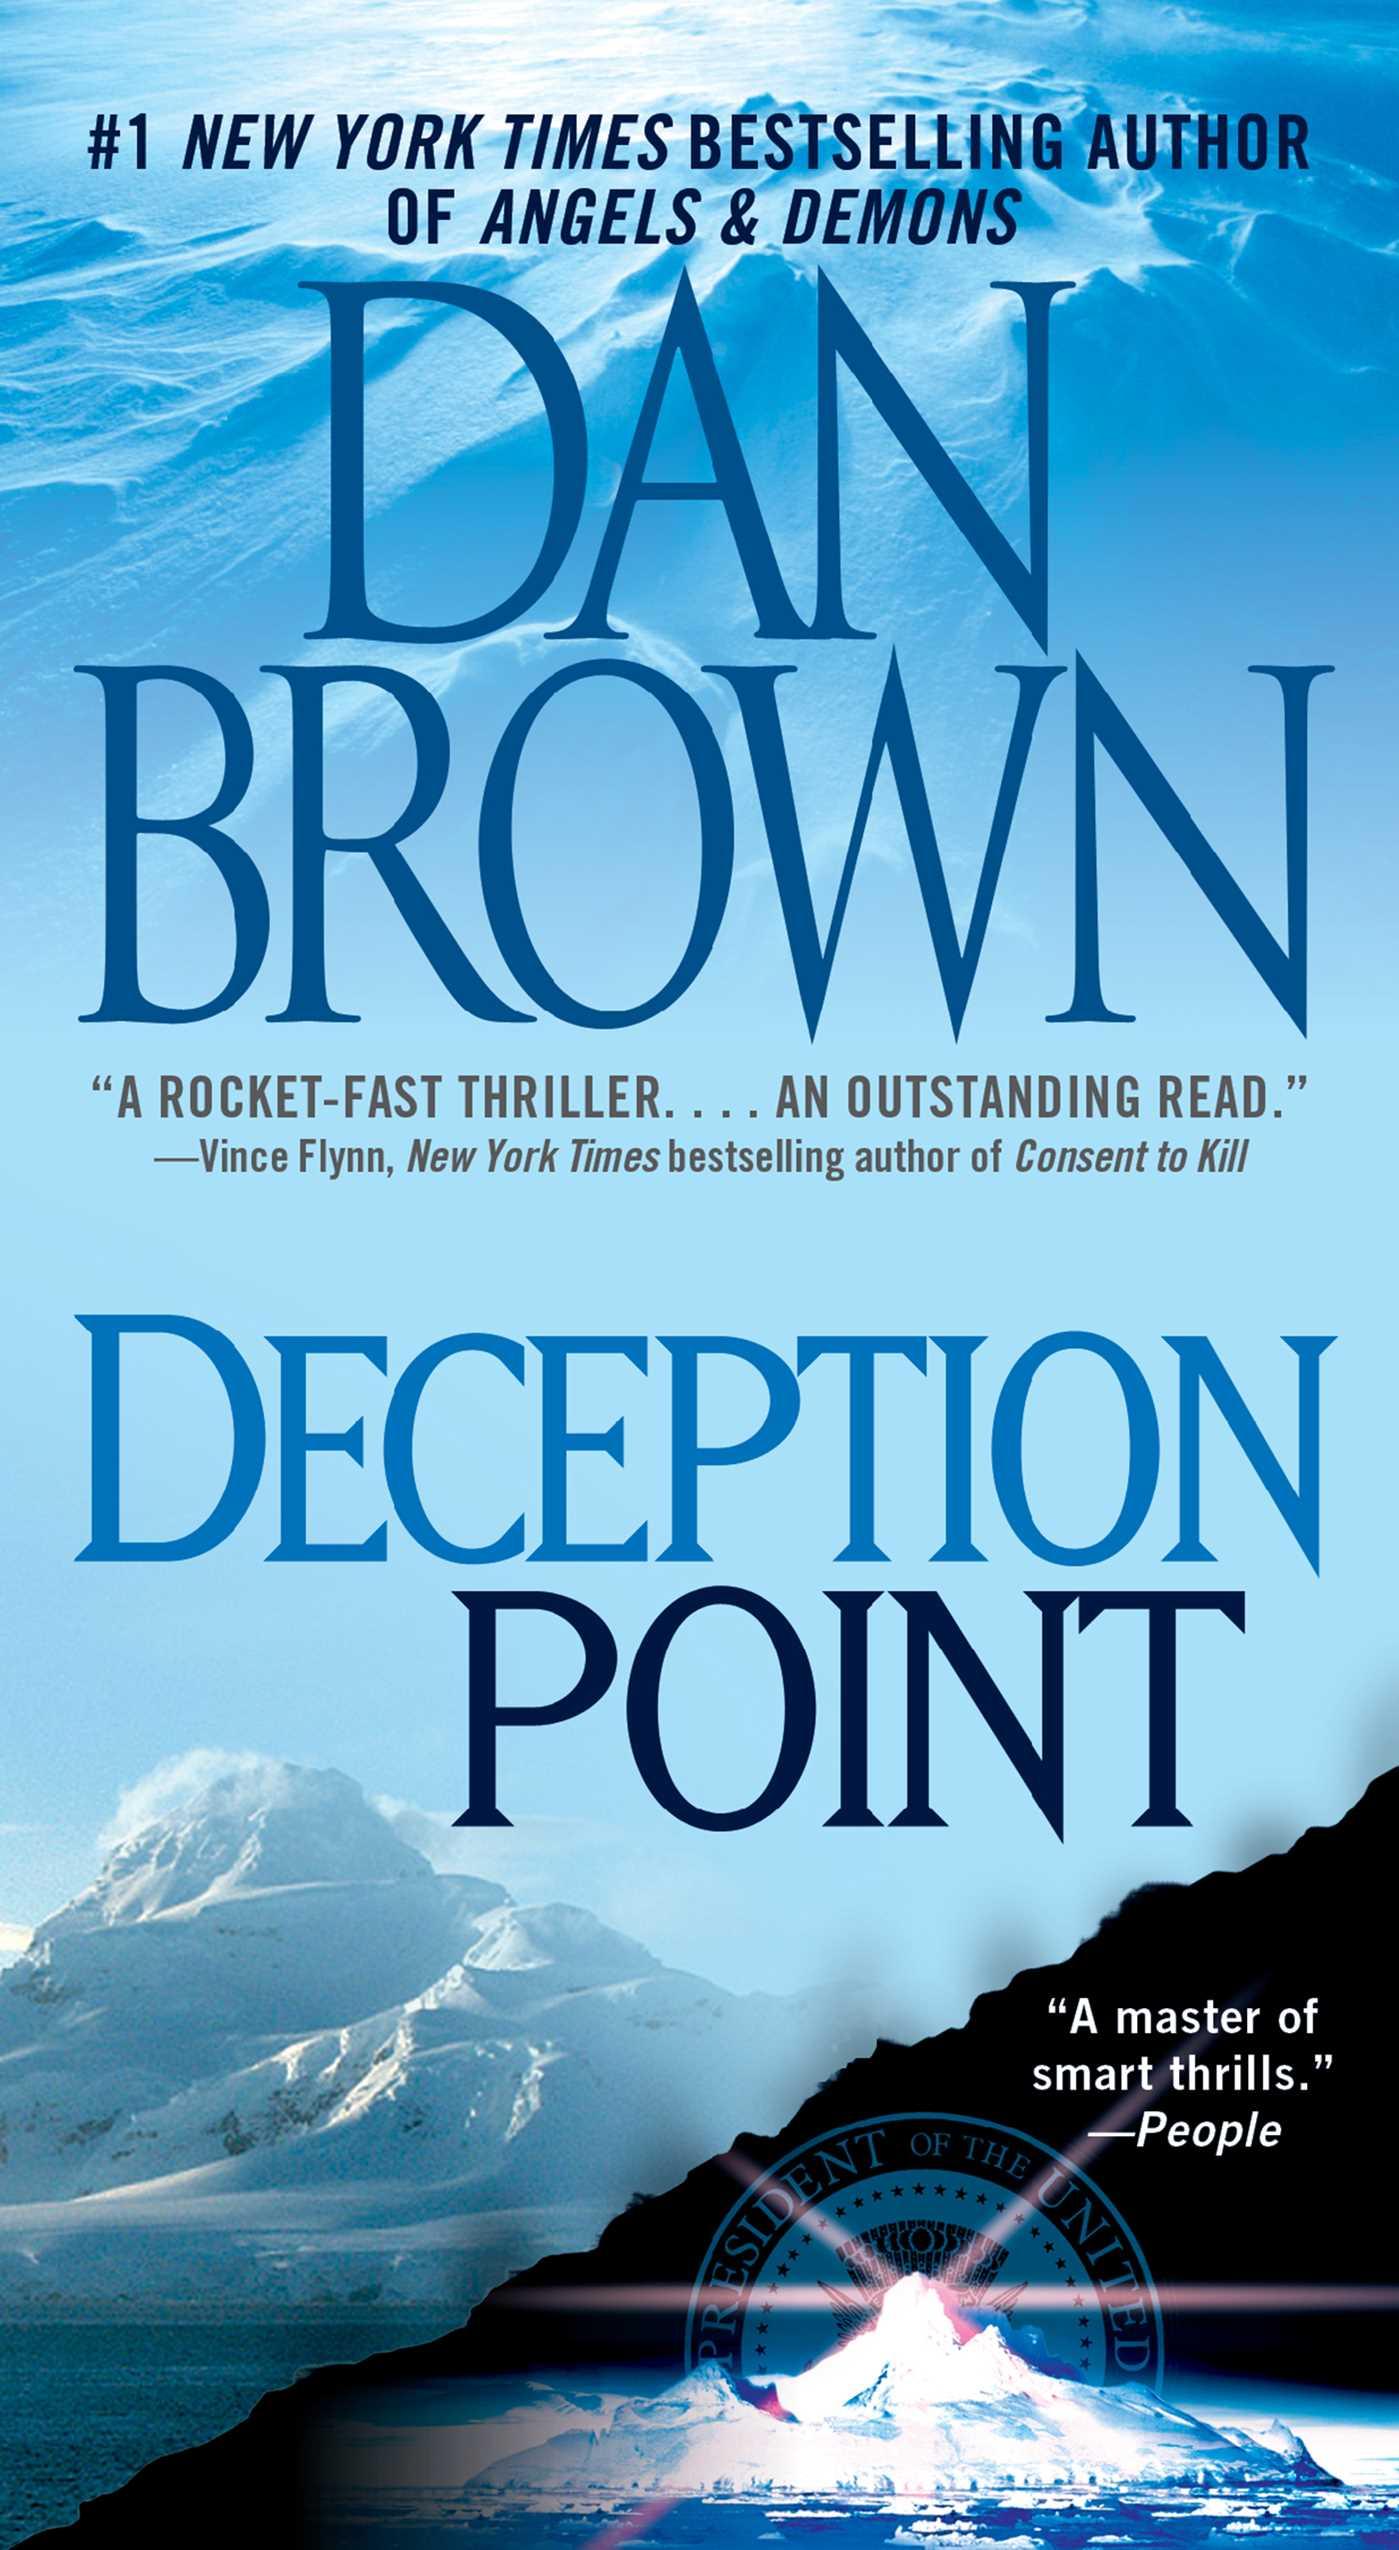 Deception point 9781416524809 hr